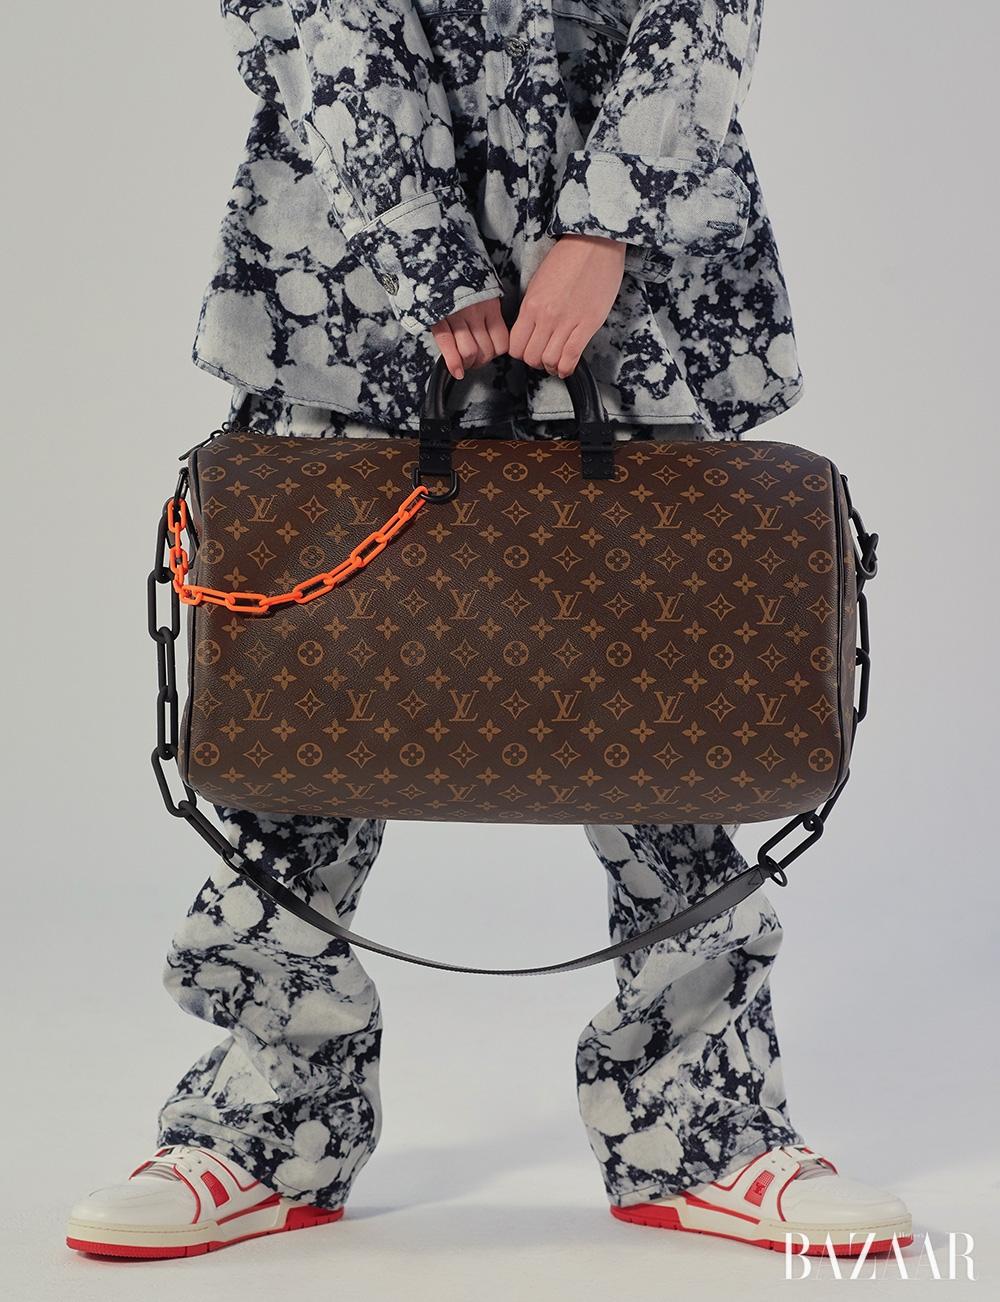 데님 재킷, 팬츠, 백, 하이톱 스니커즈는 모두 가격 미정 Louis Vuitton.